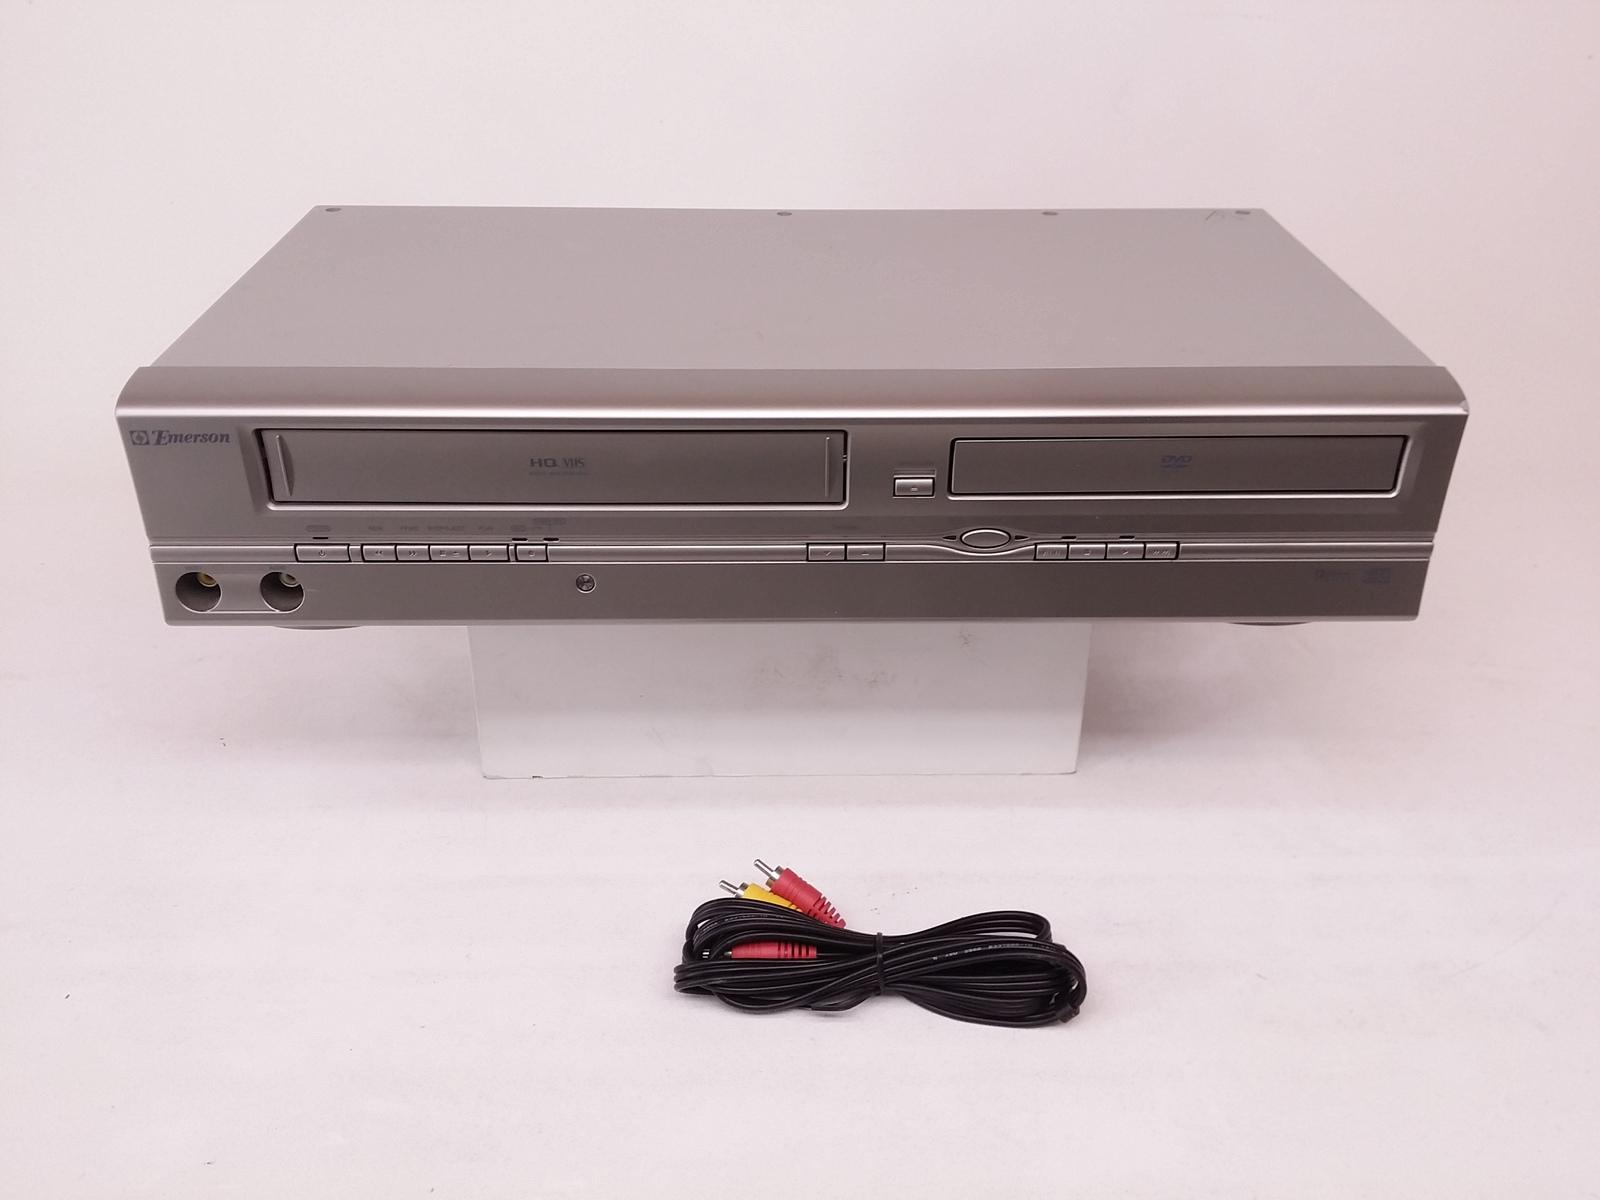 emerson ewd2004 vcr dvd combo and similar items rh bonanza com Emerson DVD VCR Recorder Emerson Thermostat User Manual